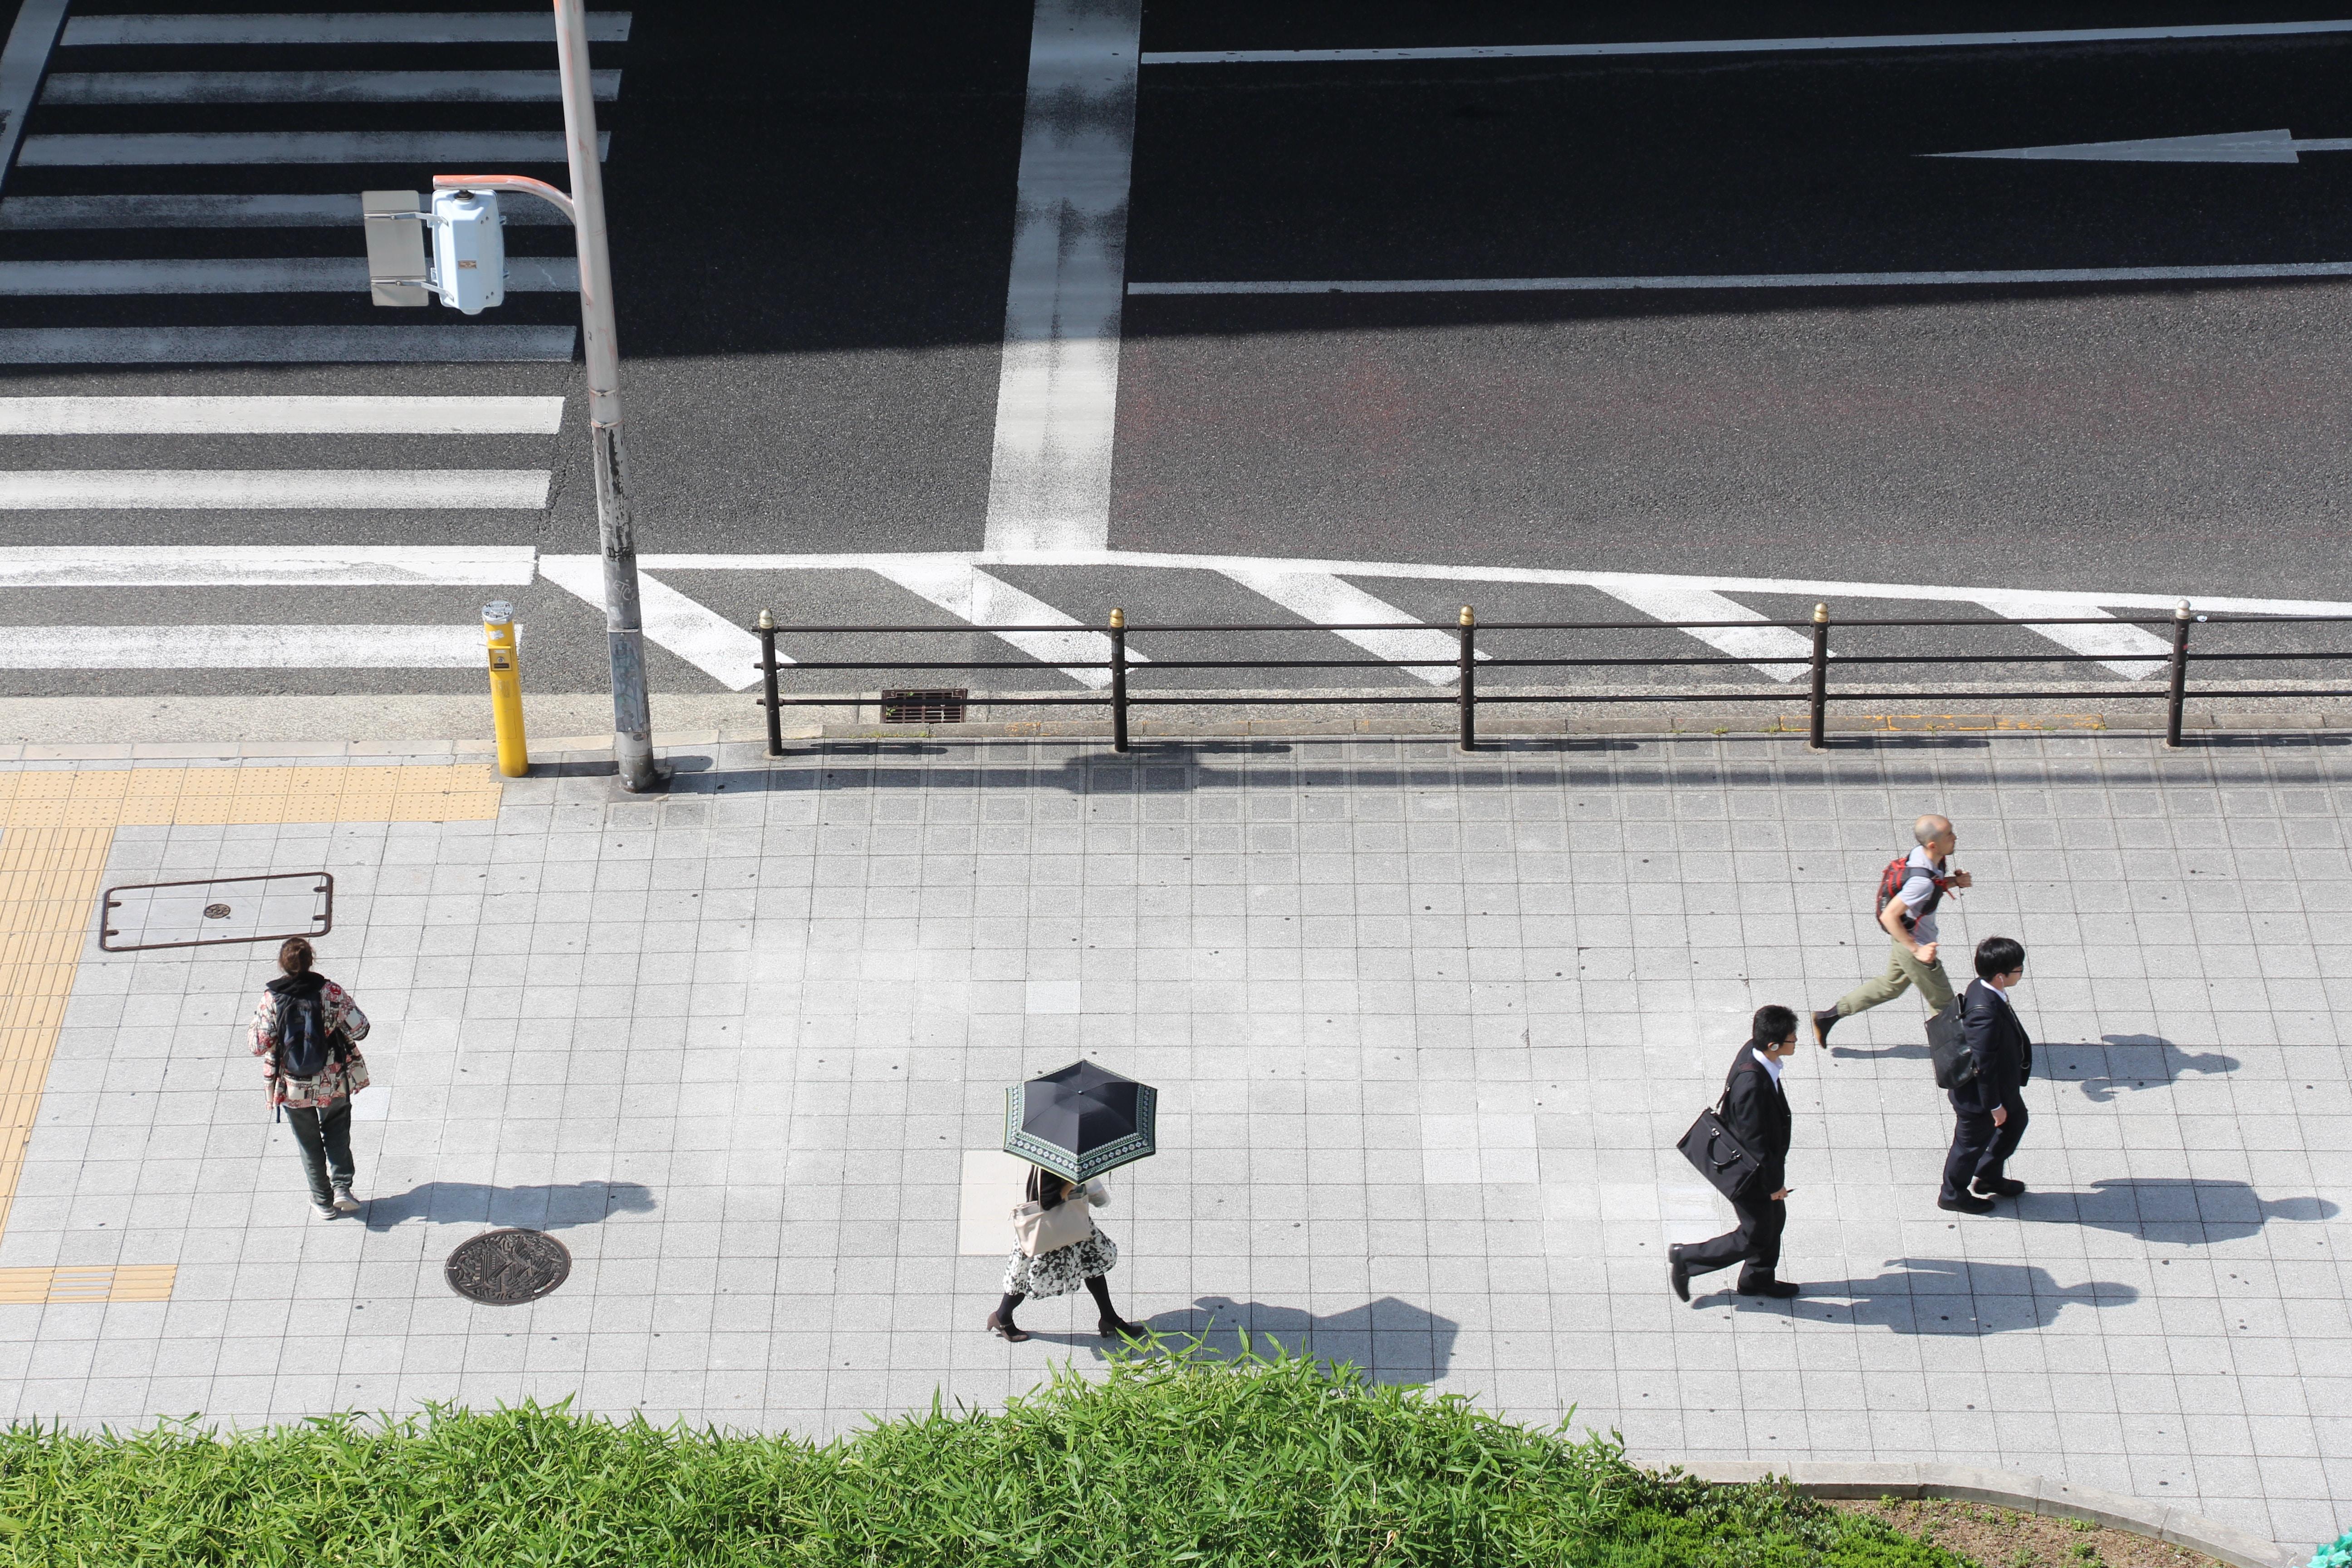 group of people walking on street walk